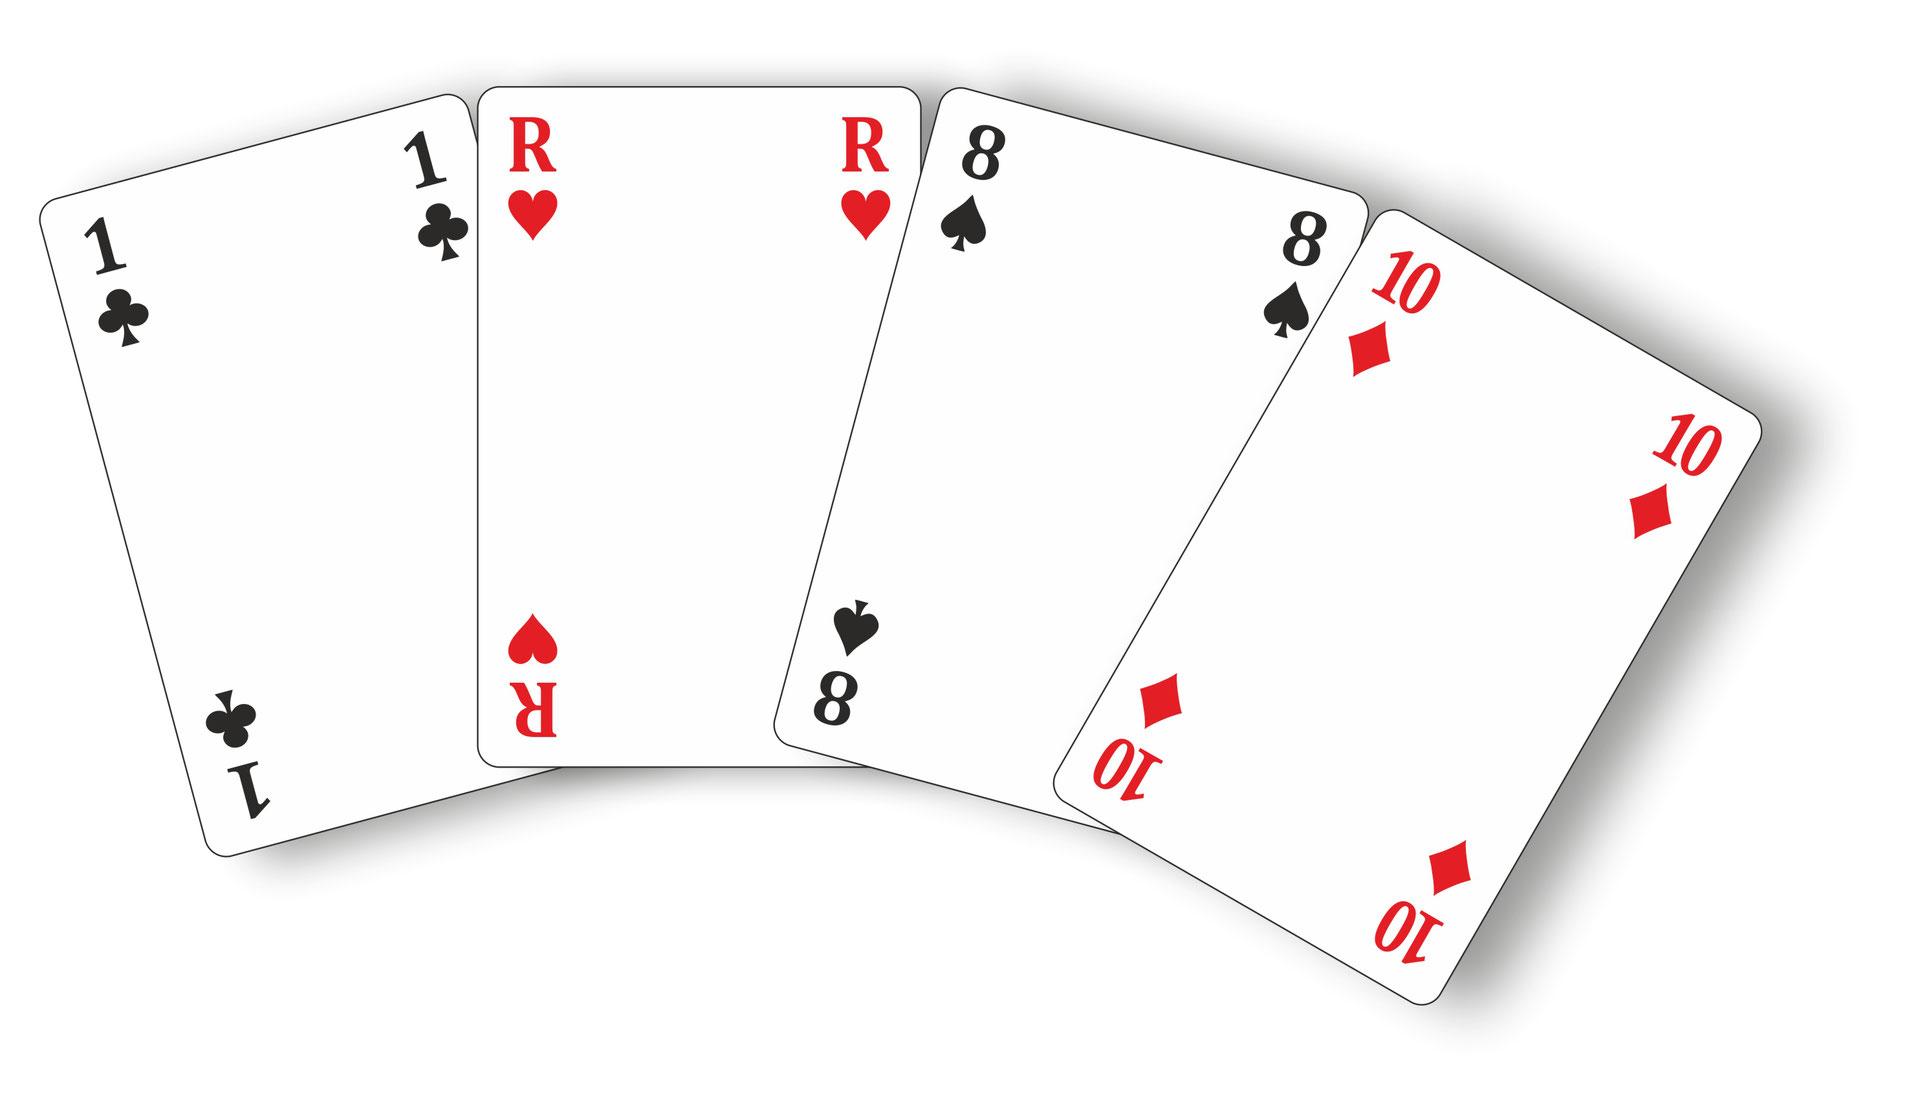 Jeu À Imprimer Et Personnaliser Soi-Même Activité - Jeux De intérieur Jeux De Cartes À Télécharger Gratuitement